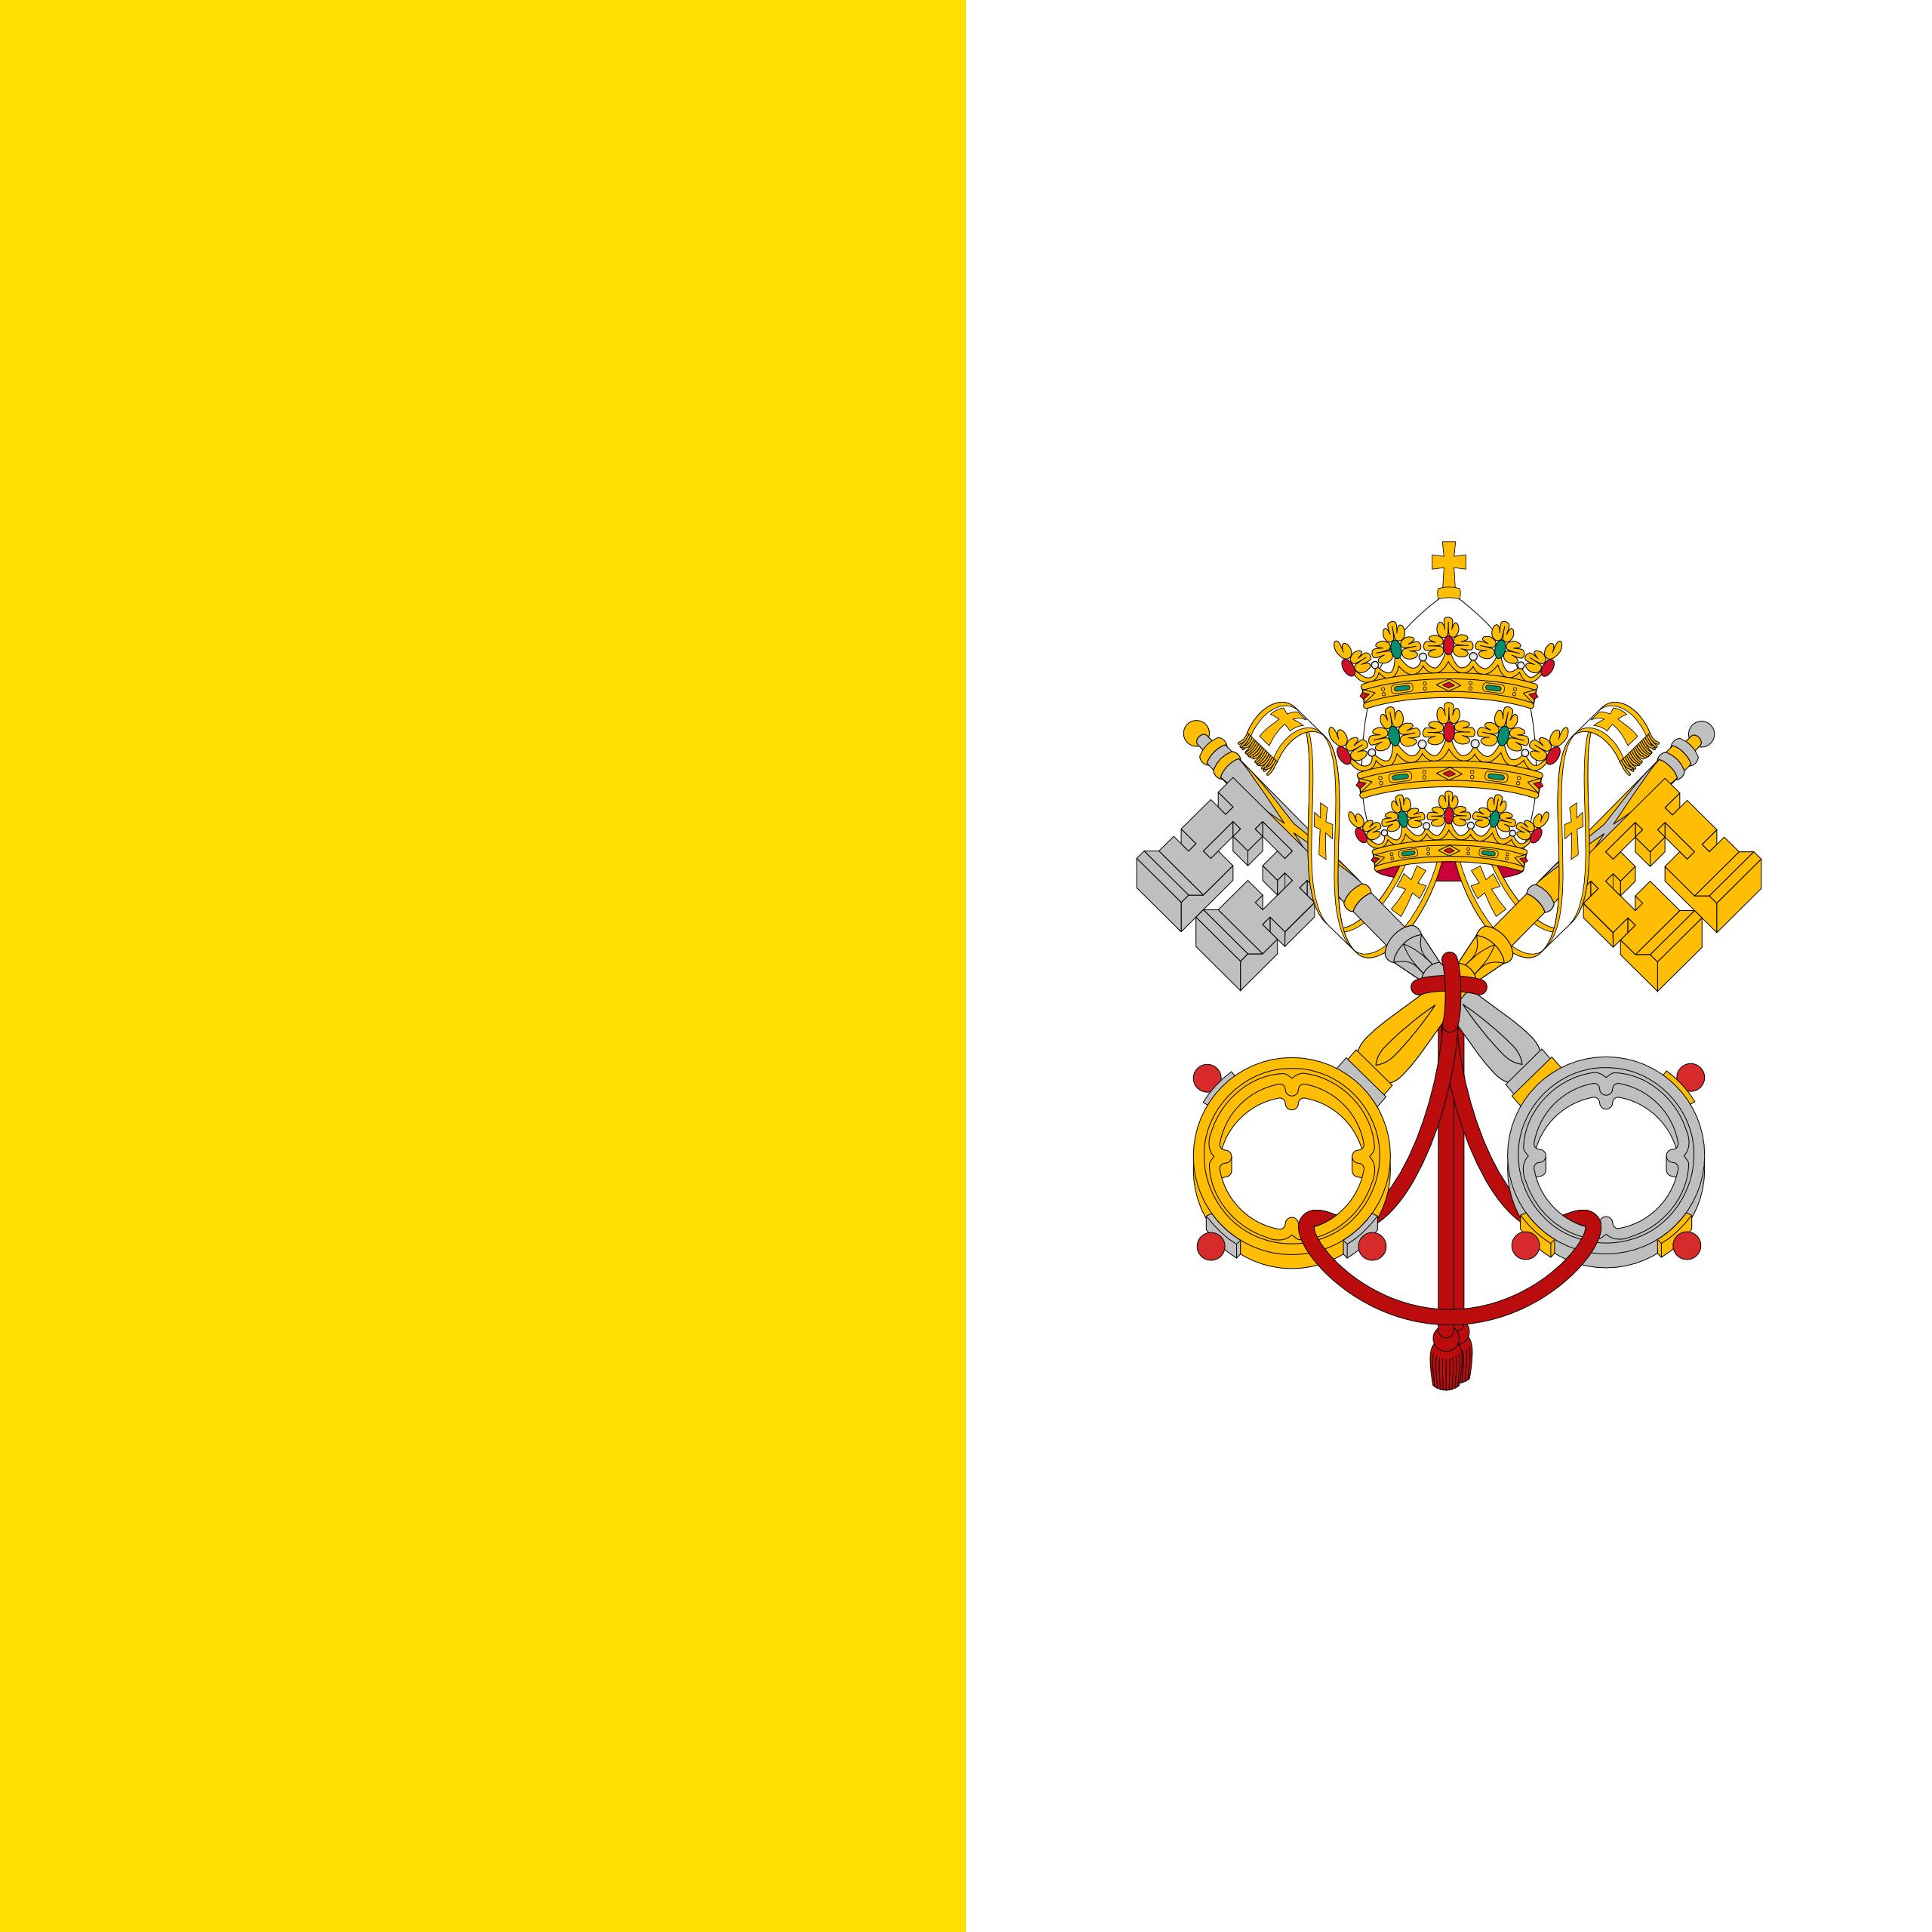 ciudad del vaticano, paese, emblema, logo, simbolo - Sfondi HD - Professor-falken.com